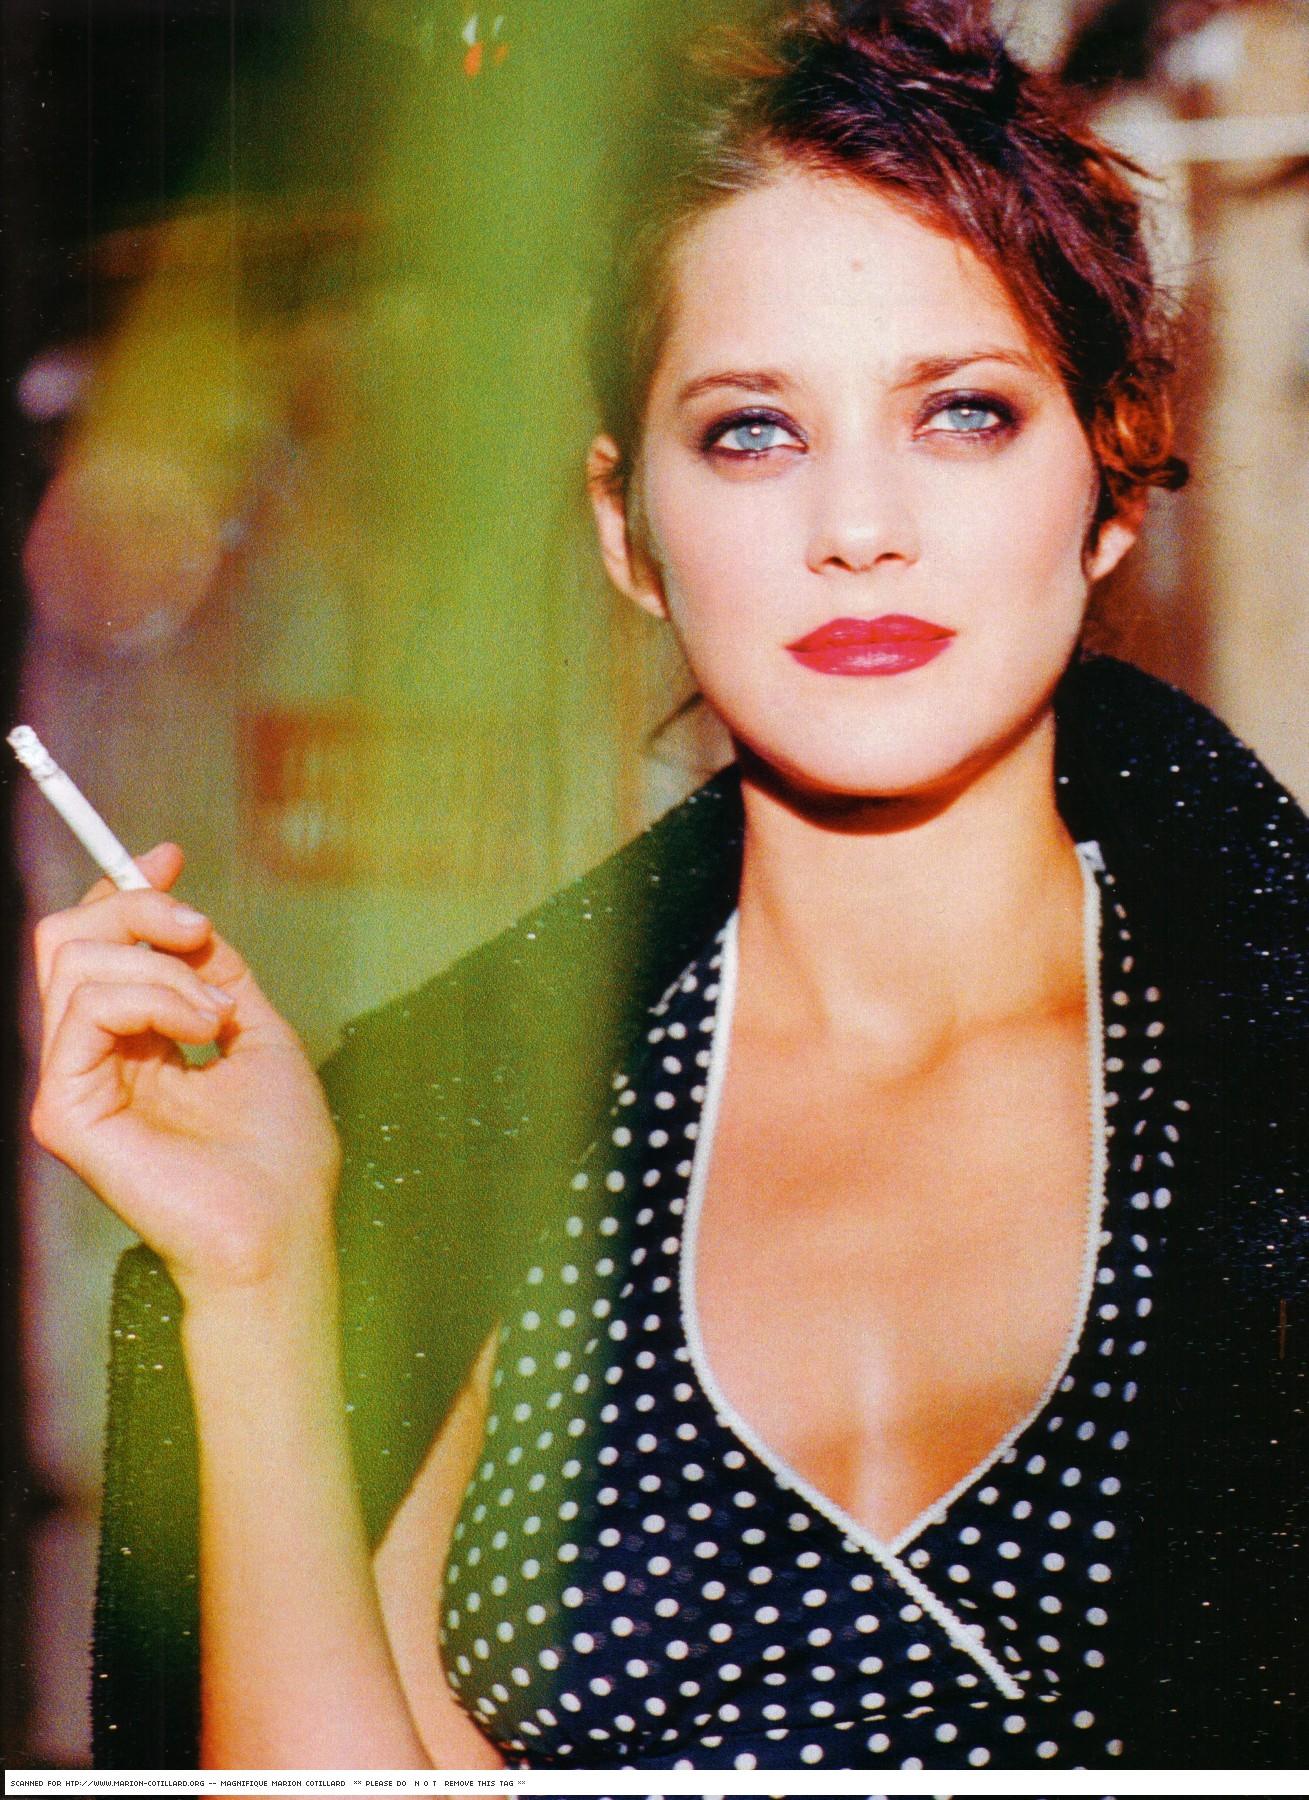 Digitalminx.com - Actr... Marion Cotillard